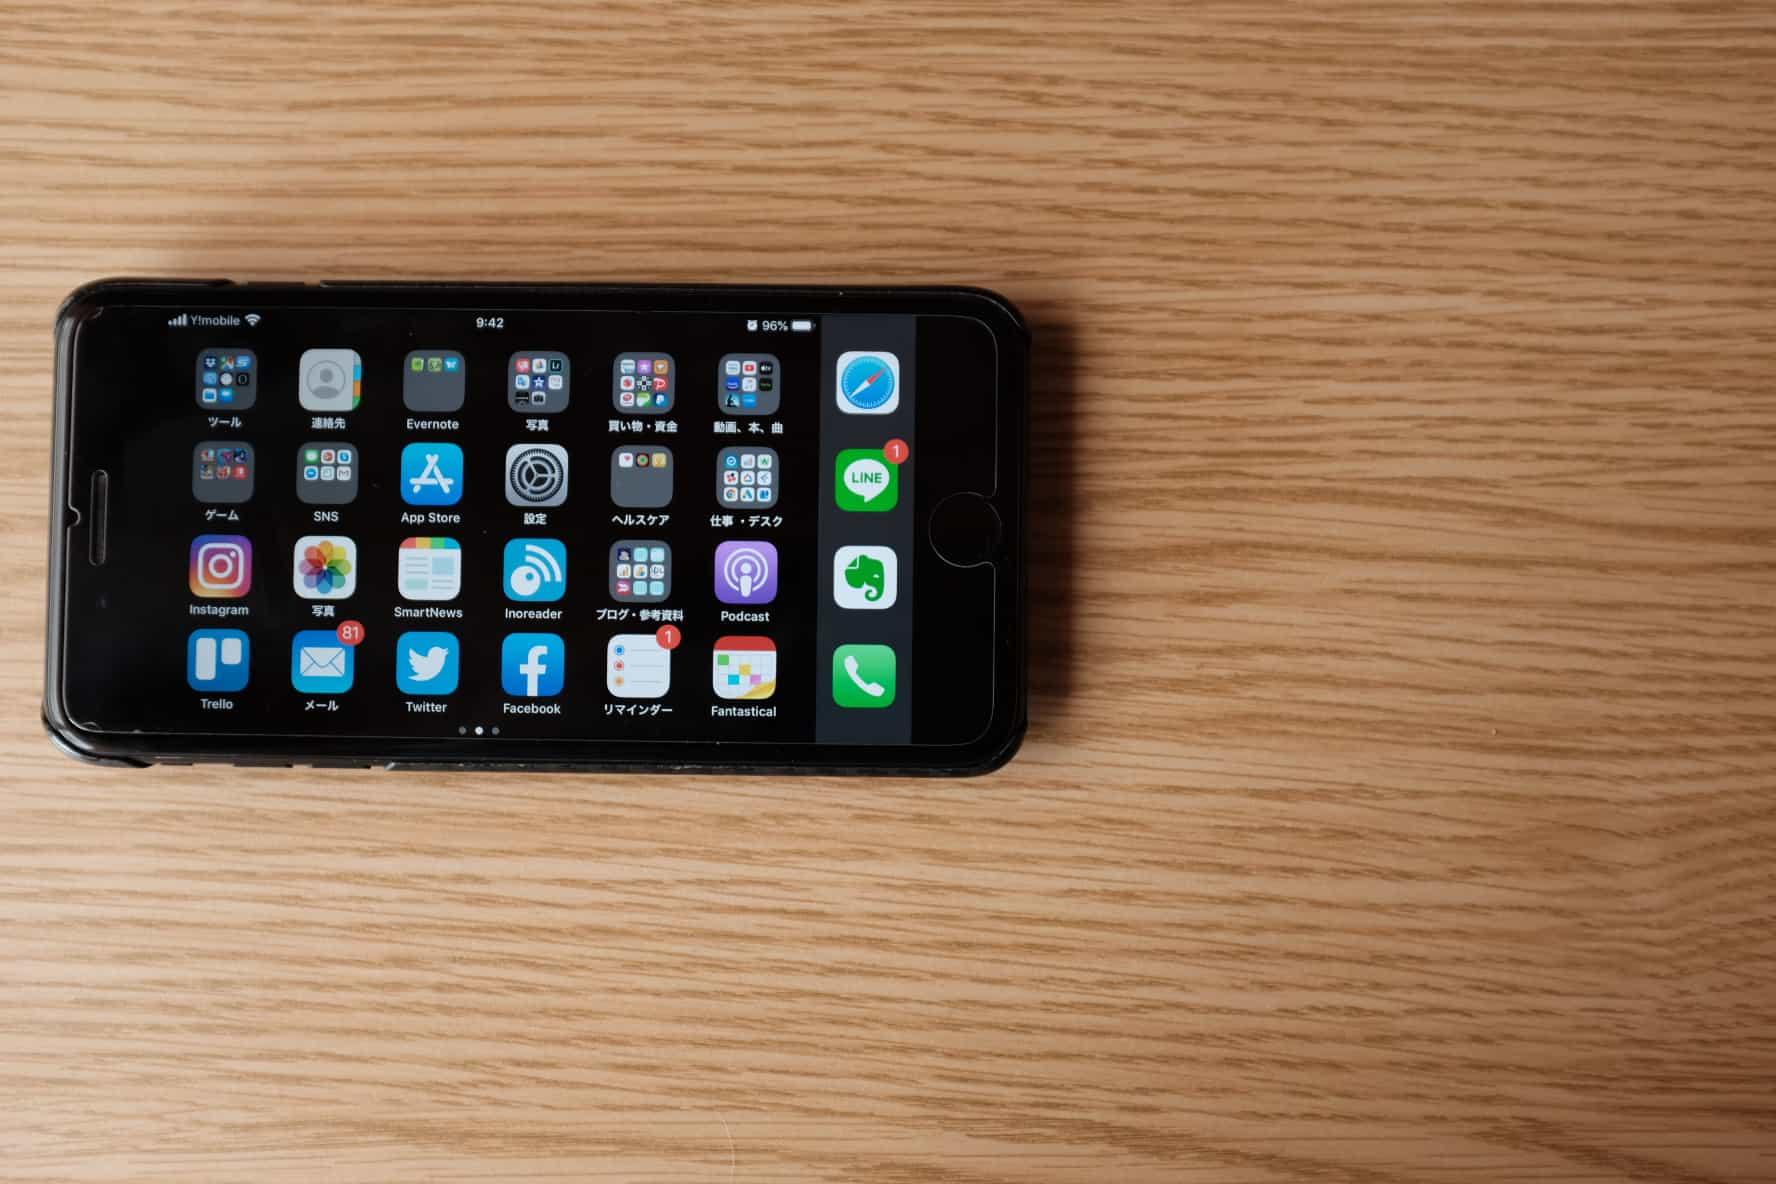 iPhoneのランドスケープモードって使いづらくなってない?